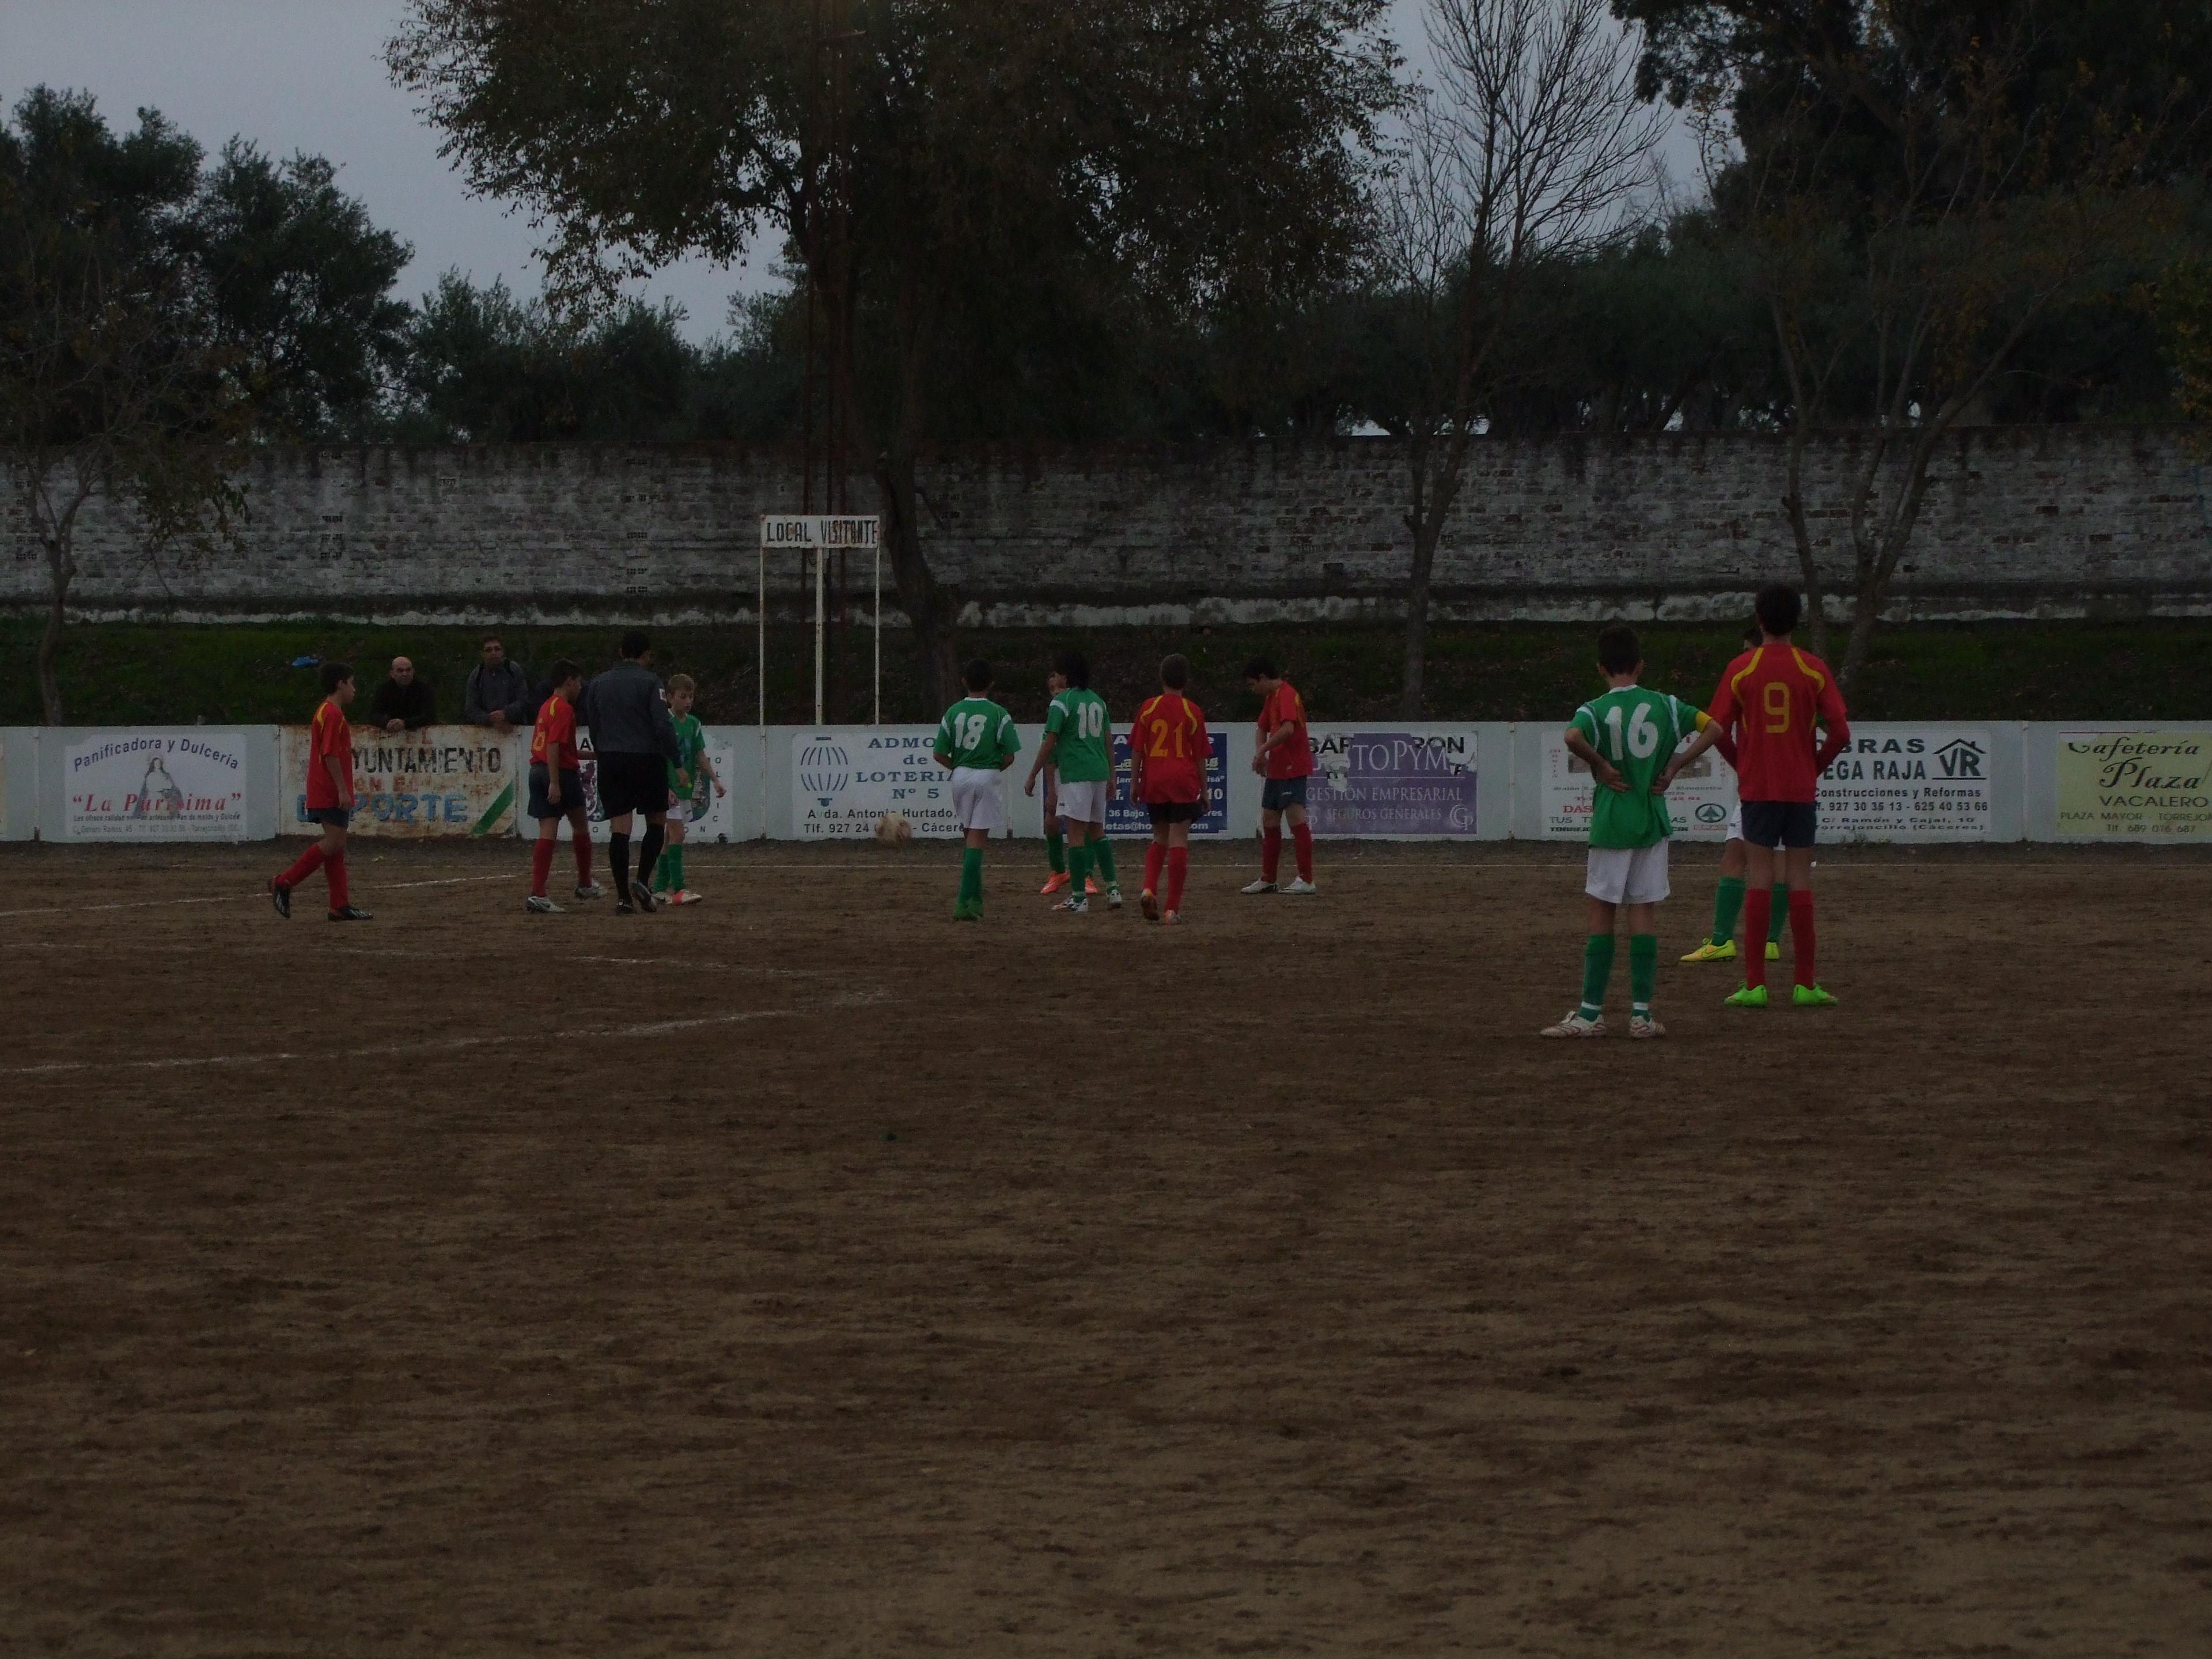 Vuelven las competiciones futboleras del AD Torrejoncillo